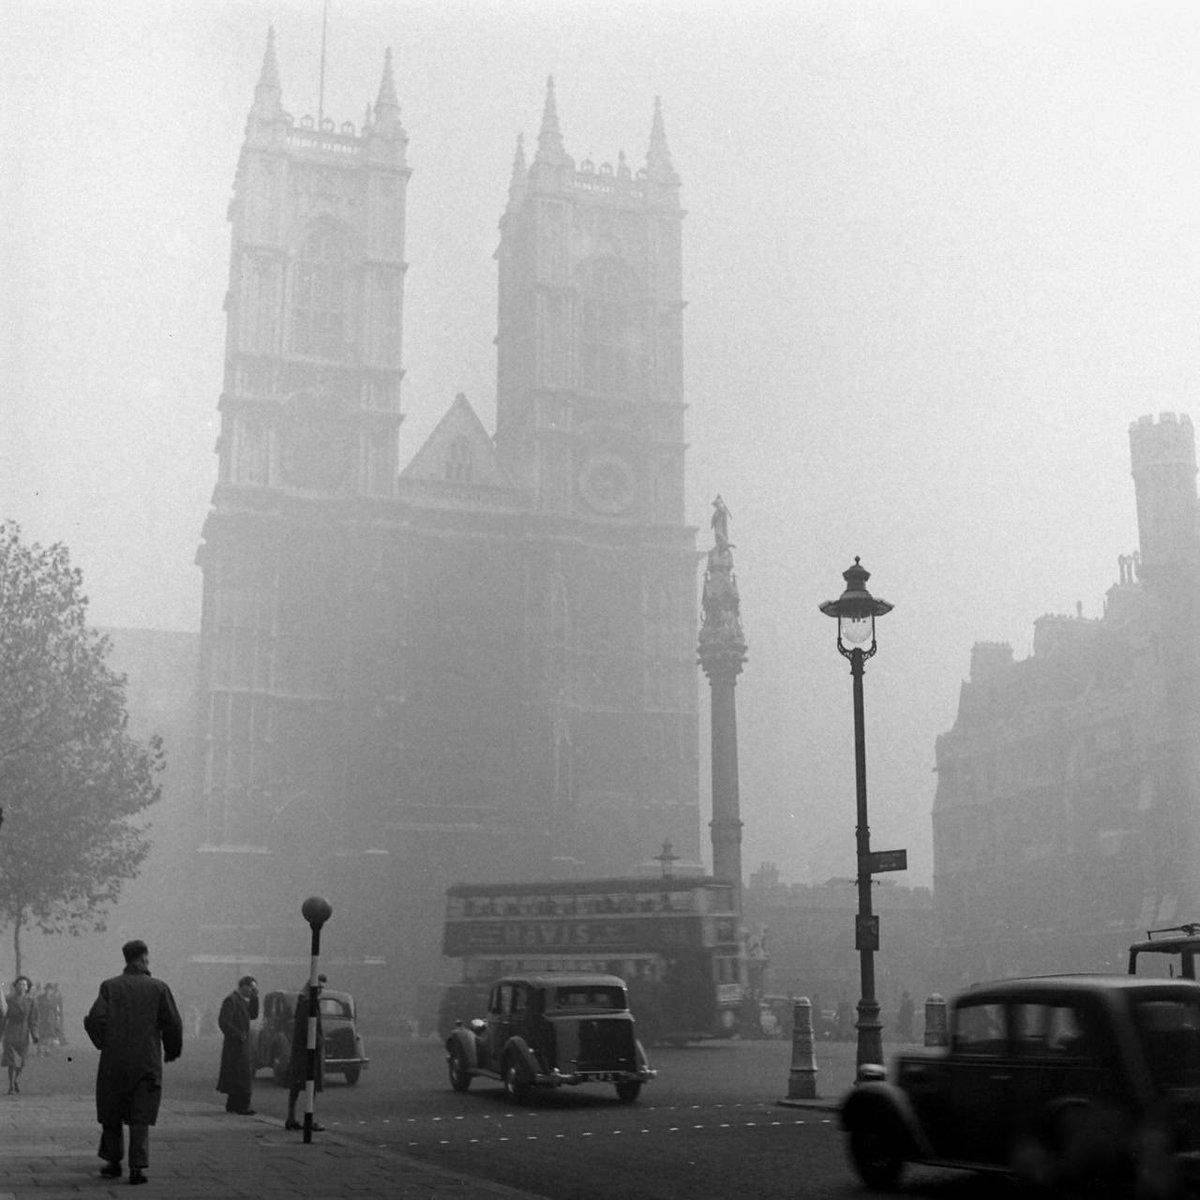 лондон туманы фото